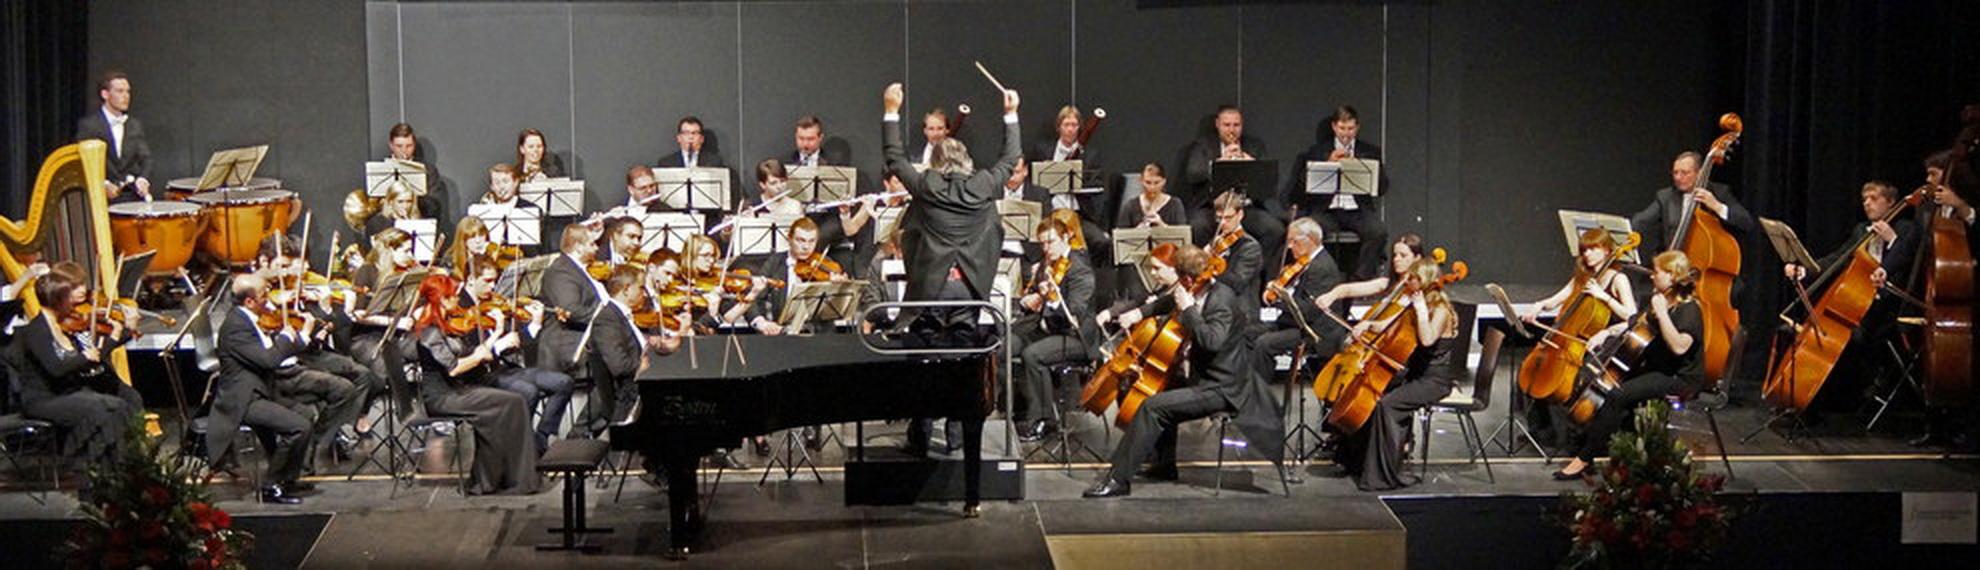 """Die Smetana Philharmoniker unter Leitung von Hans Richter bei der Aufführung von Max Regers """"Mozart-Variationen"""" am 23. April 2016 in der Neunburger Schwarzachtalhalle. Foto: Udo Weiß, NT"""